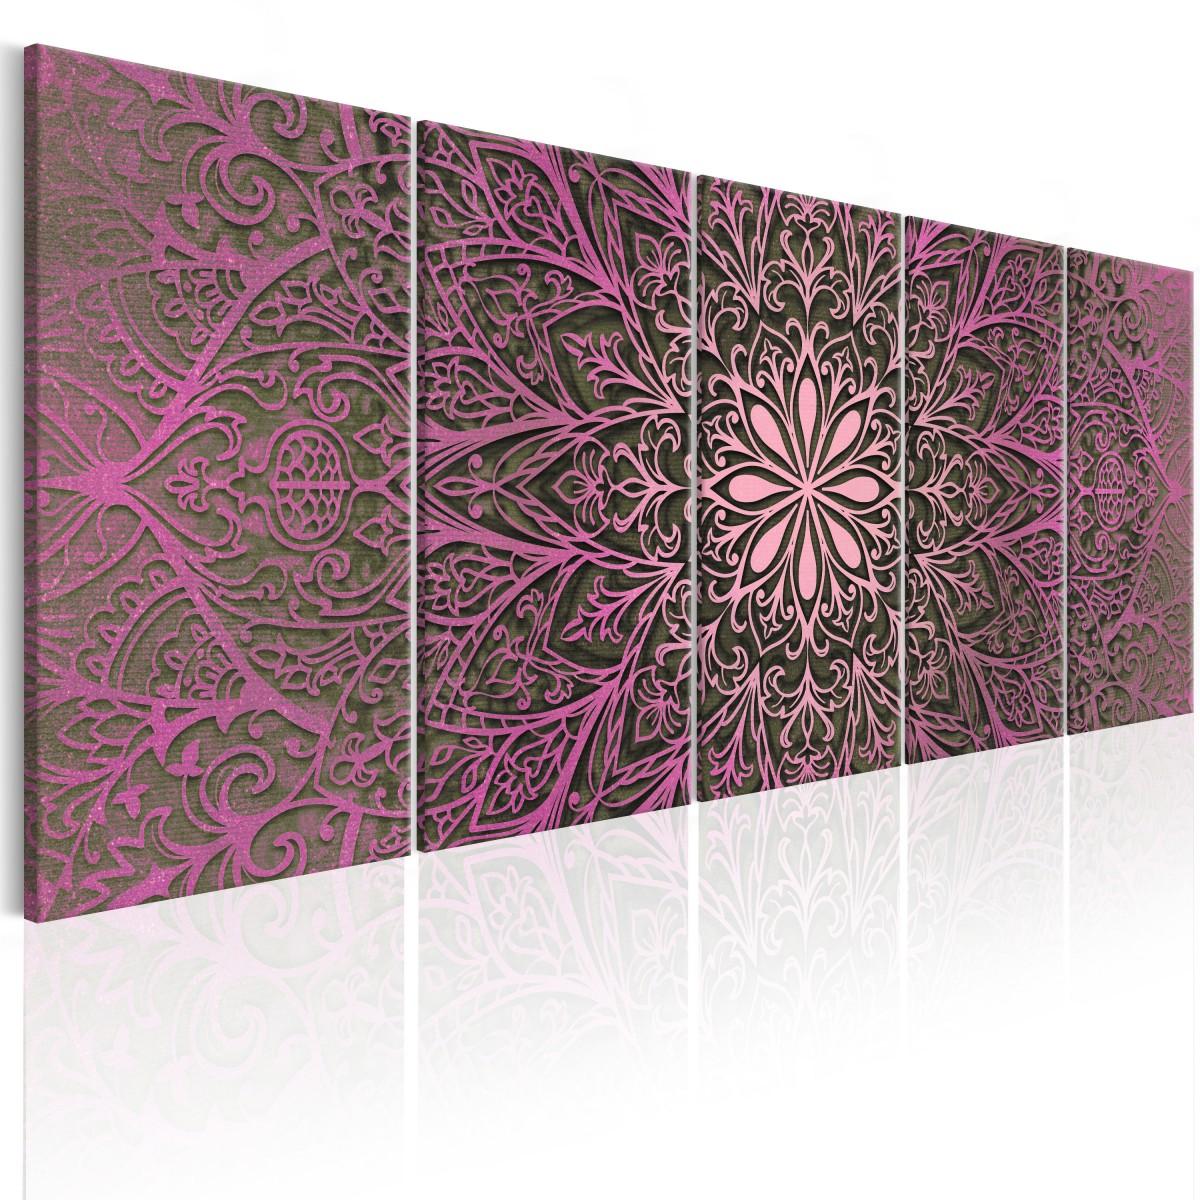 Dudlu Moderní obrazy na zeď - růžová mandala - 150x60 cm